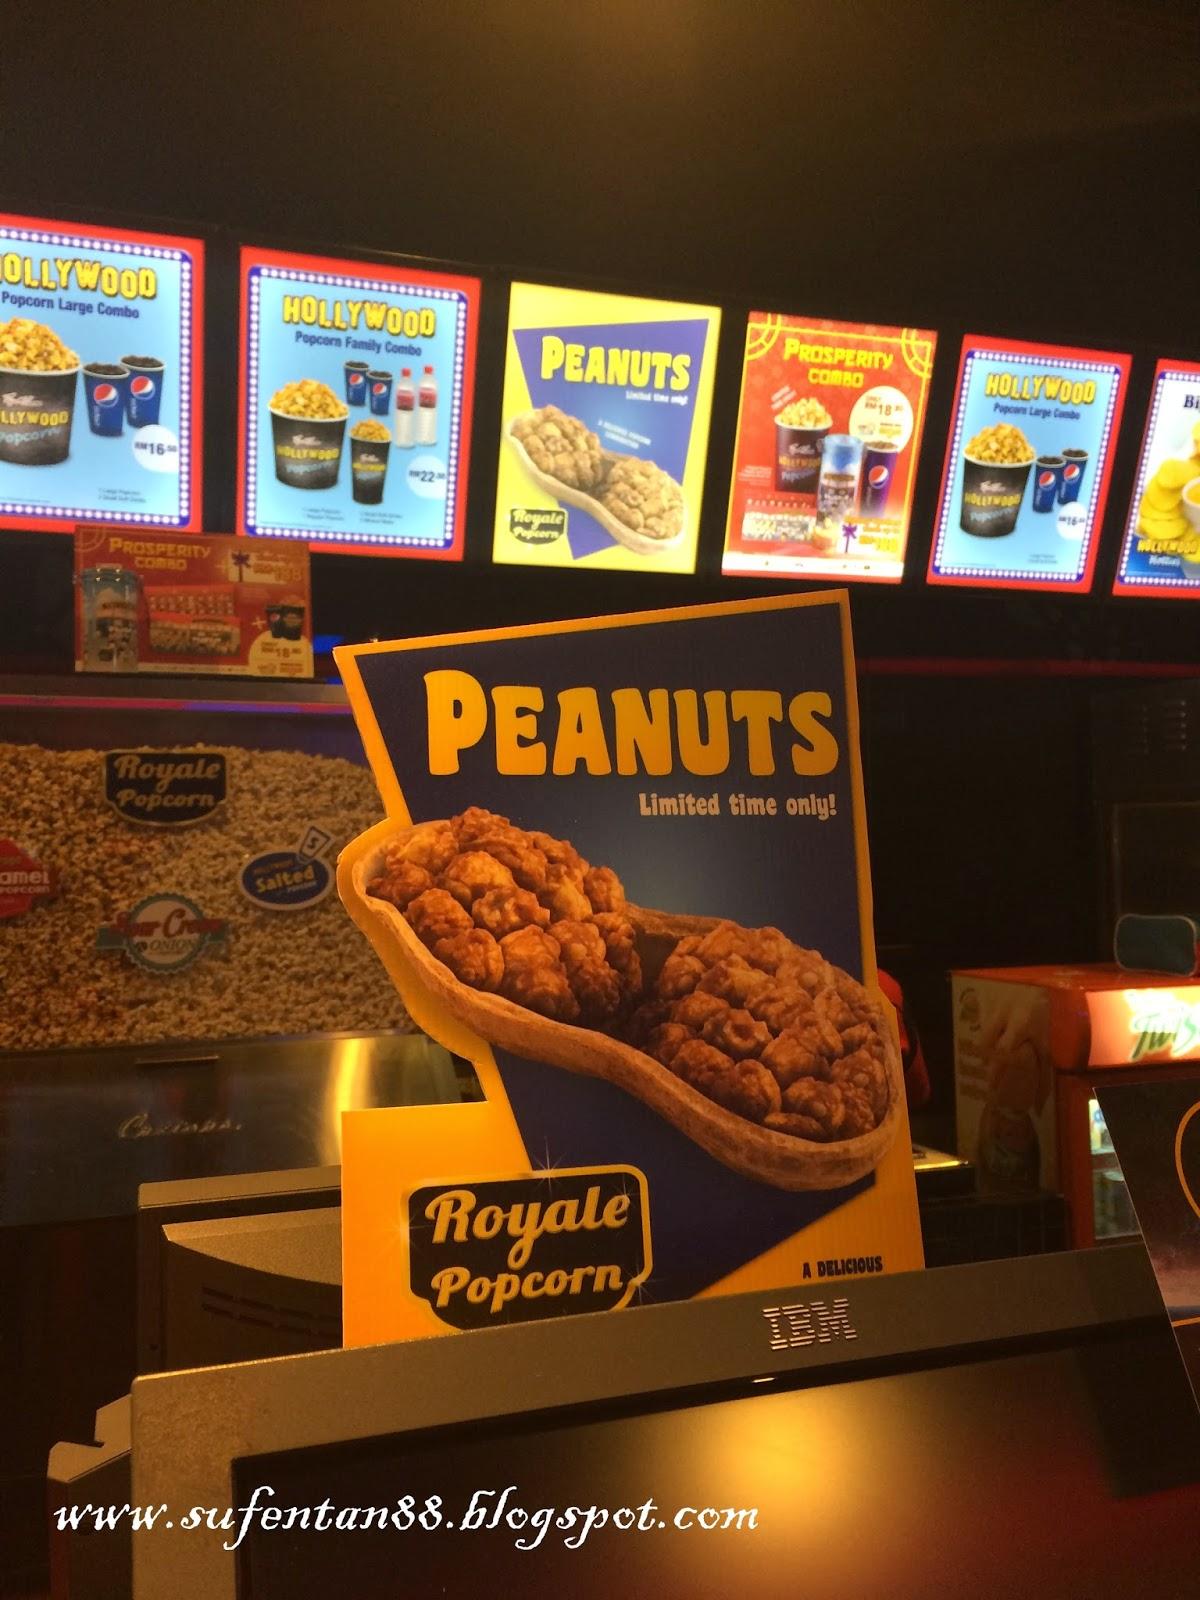 Peanuts Royale Popcorn Tgv Cinemas Sufentan Com